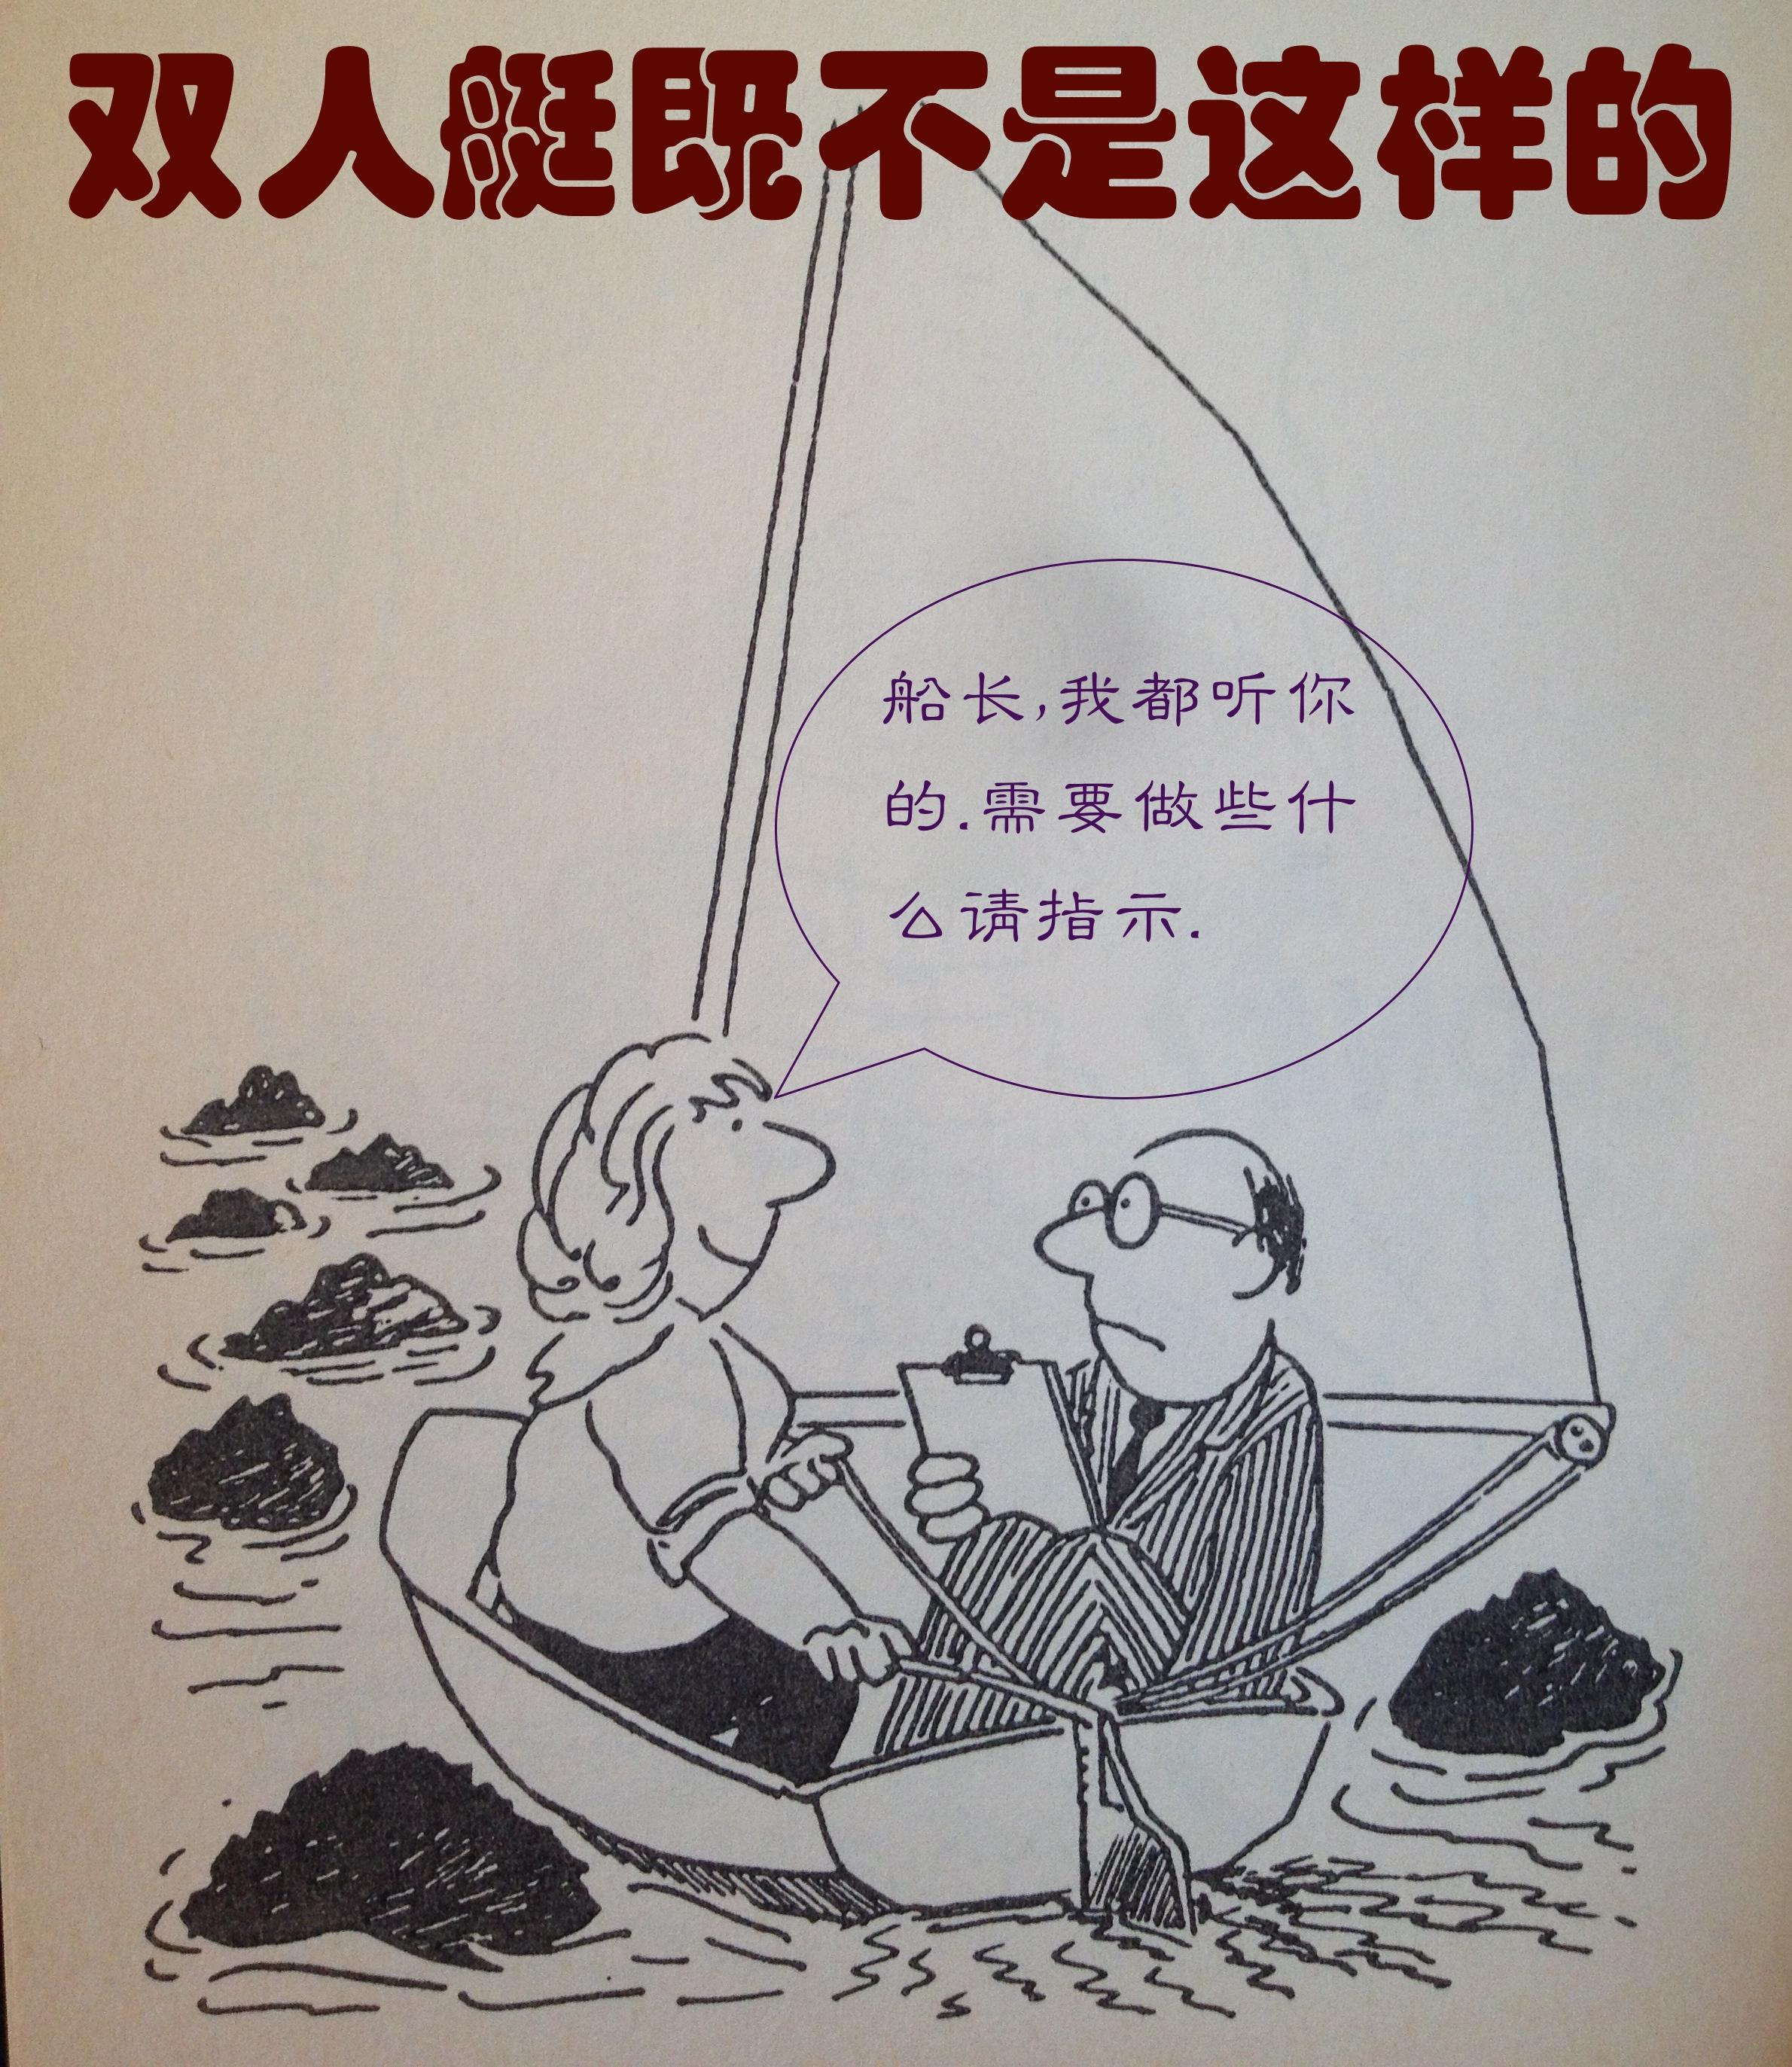 秦皇岛,Omega,初学者,北京,教学 学习双人艇Omega的缭手位置,以及升降和操控球帆等基础操作。 49a双人艇.jpg